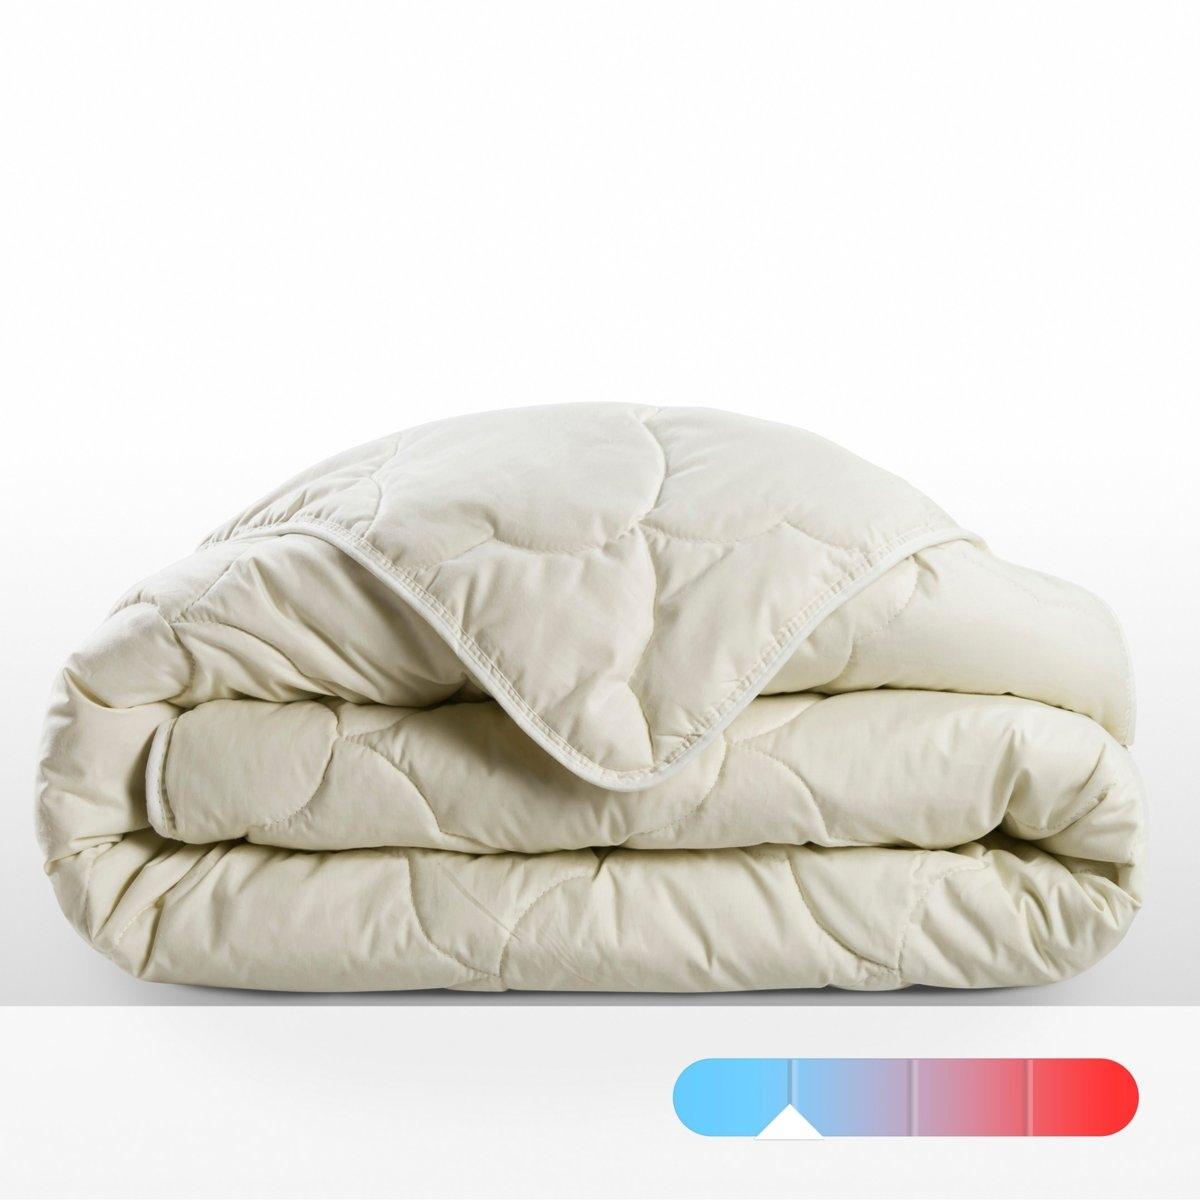 Одеяло летнееНатуральное, экологически чистое ле одеяло, 250 г/м?, легкое и прохладное. Наполнитель из экологически чистого льна абсорбирует до 35% влаги и гарантирует вам комфортный и живительный сон.Специальный экологически чистый летний наполнитель: 60 % льна и 40 % шелка.Верх: из 100% хлопковой ткани. Отделка кантом. Простегано облаками. Стирка при 30°.Идеально для лета.Сертификат OEKO- TEX<br><br>Цвет: экрю